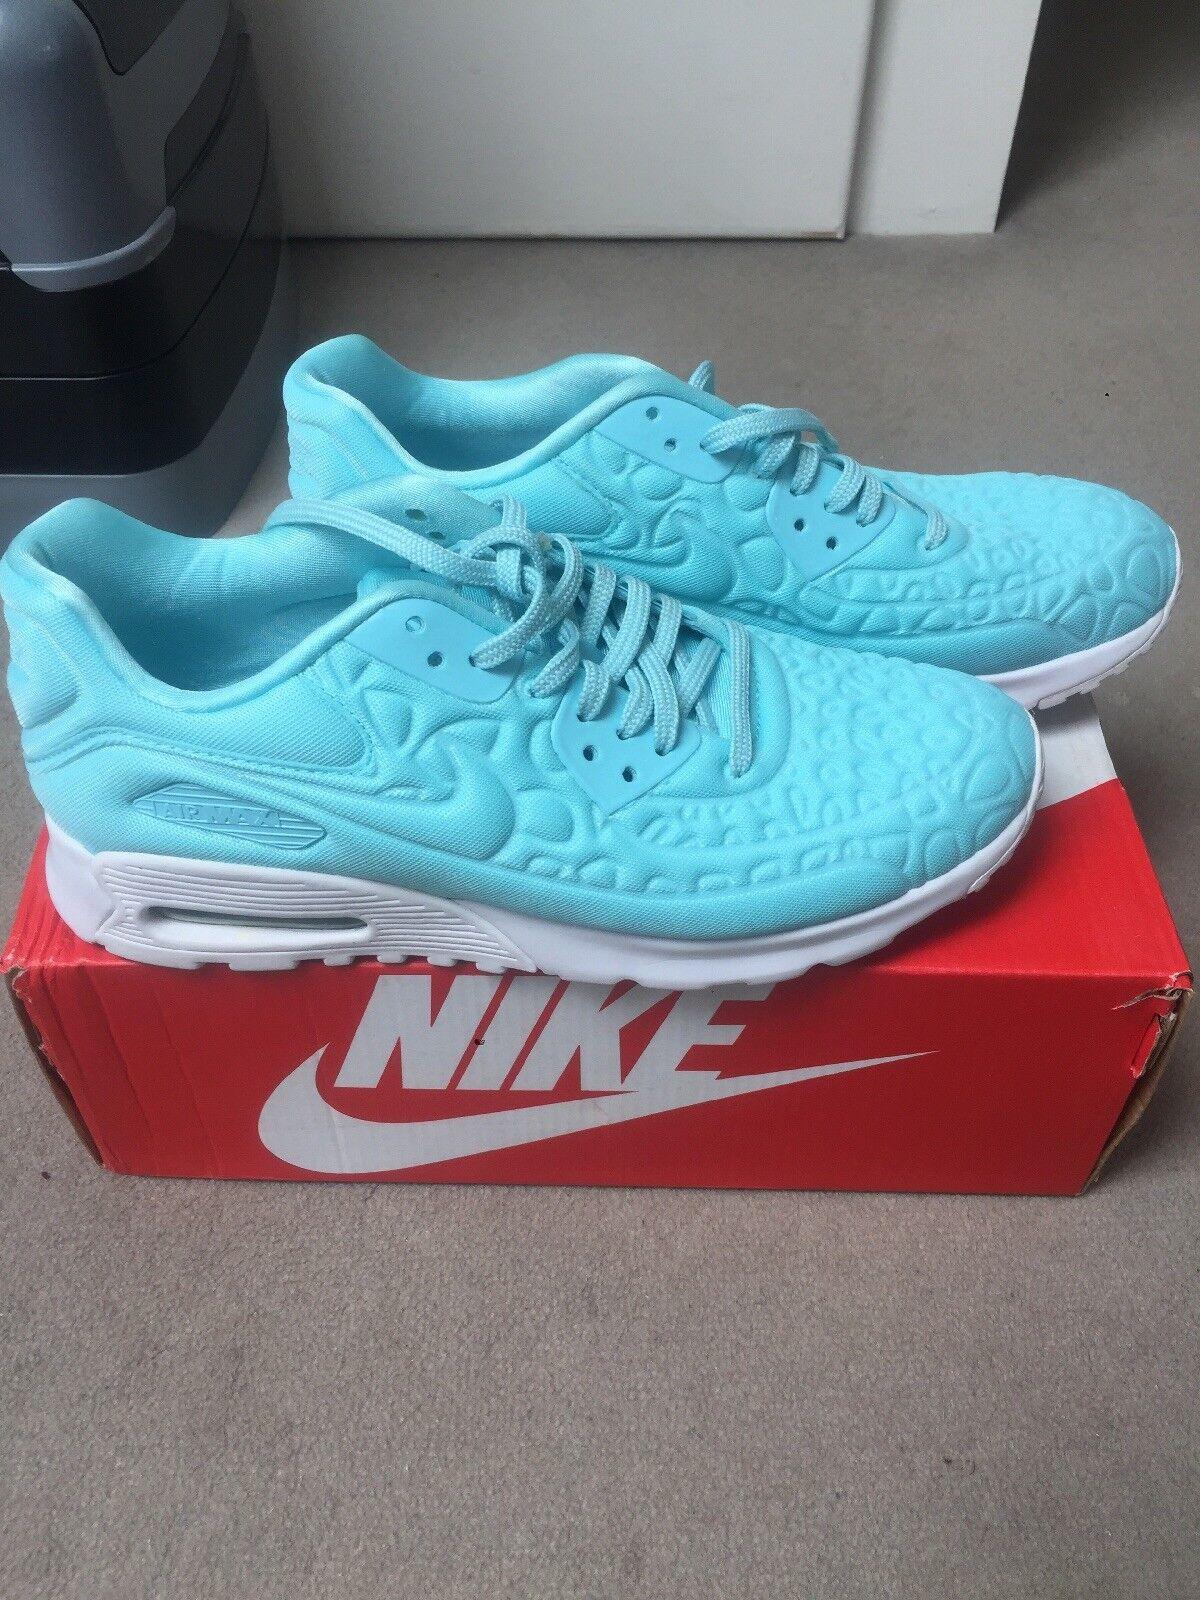 Nike AIR MAX ULTRA PUSH tourqoise Blu Tg